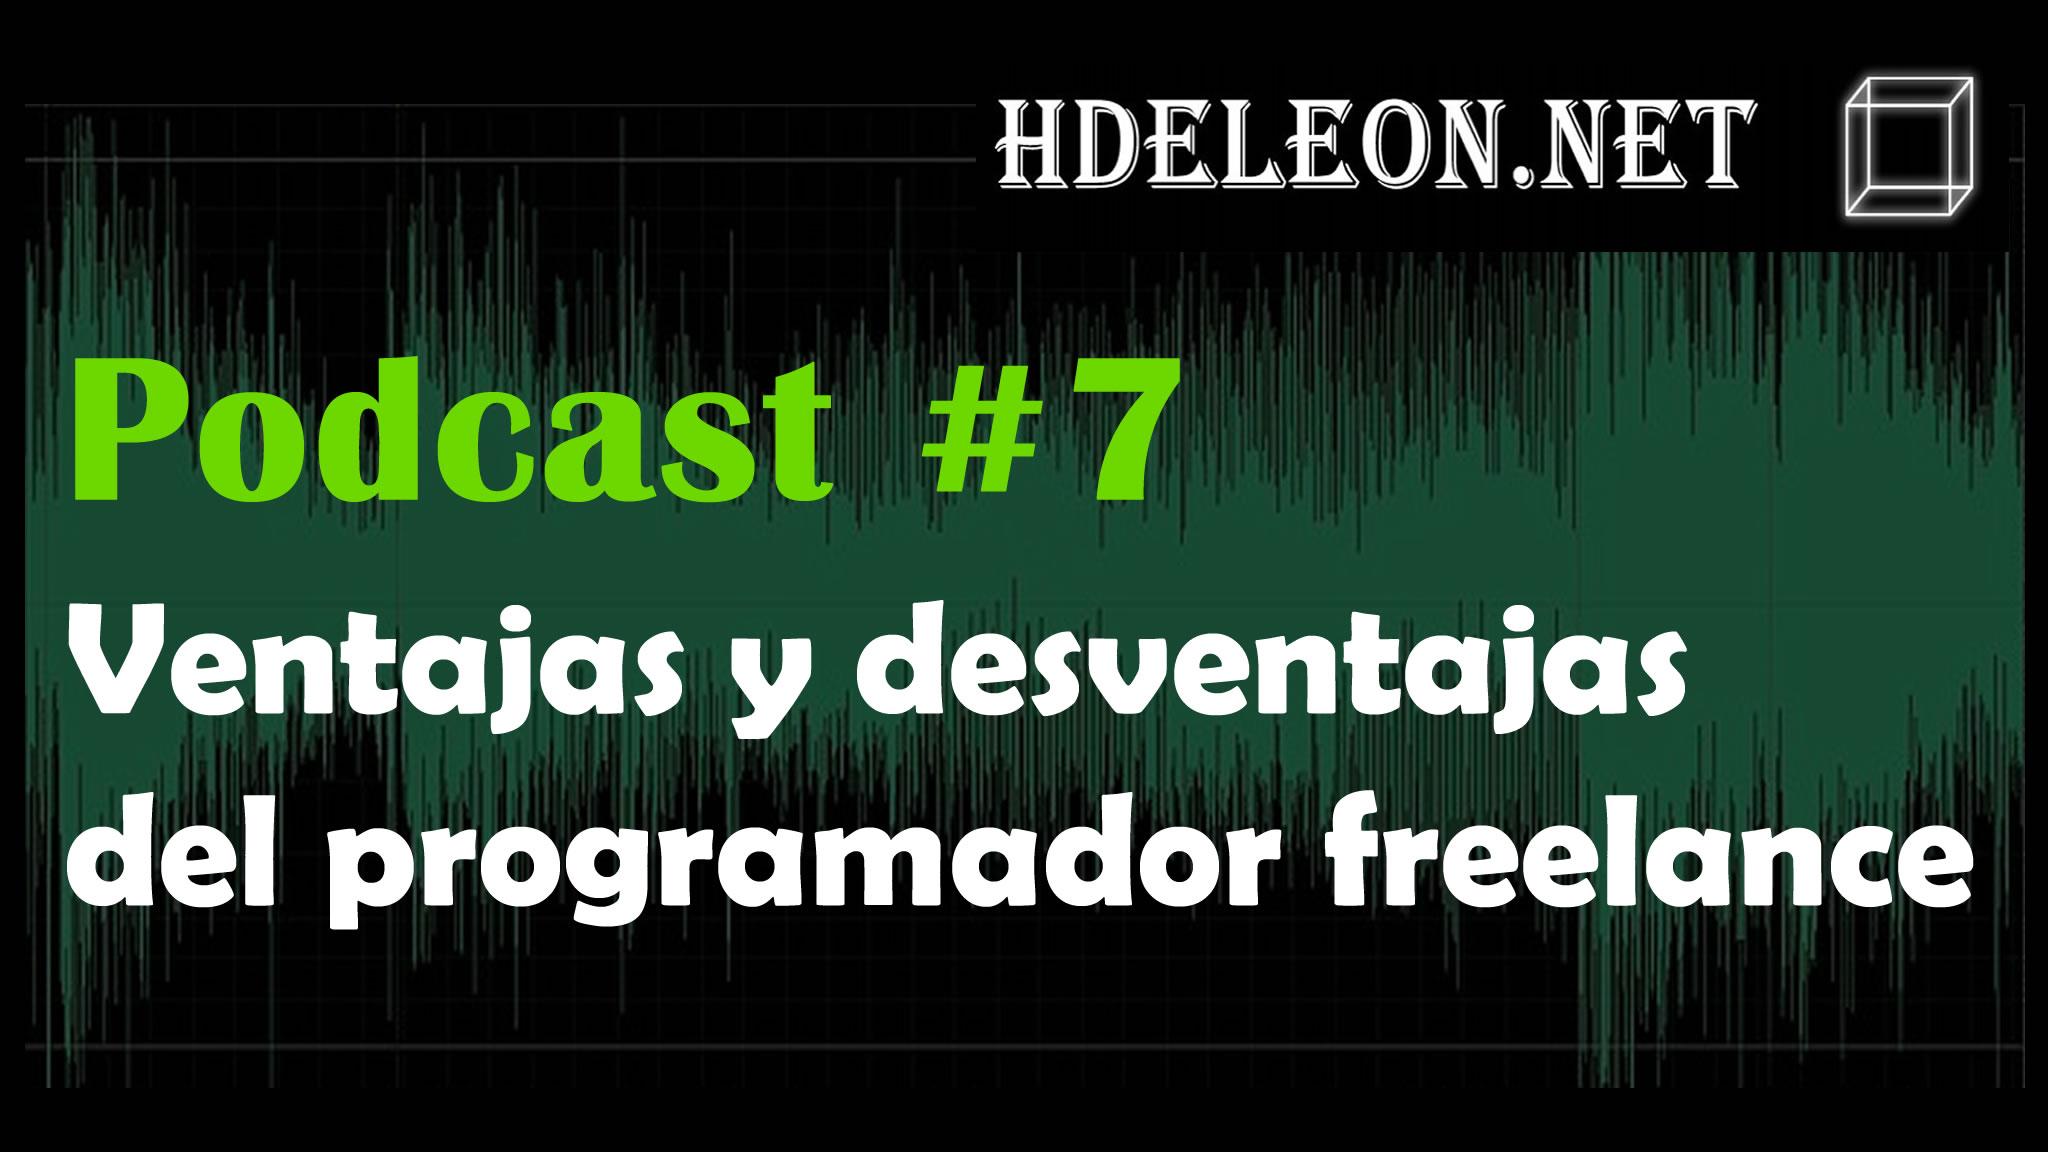 Podcast #7 – Ventajas y desventajas del programador freelance